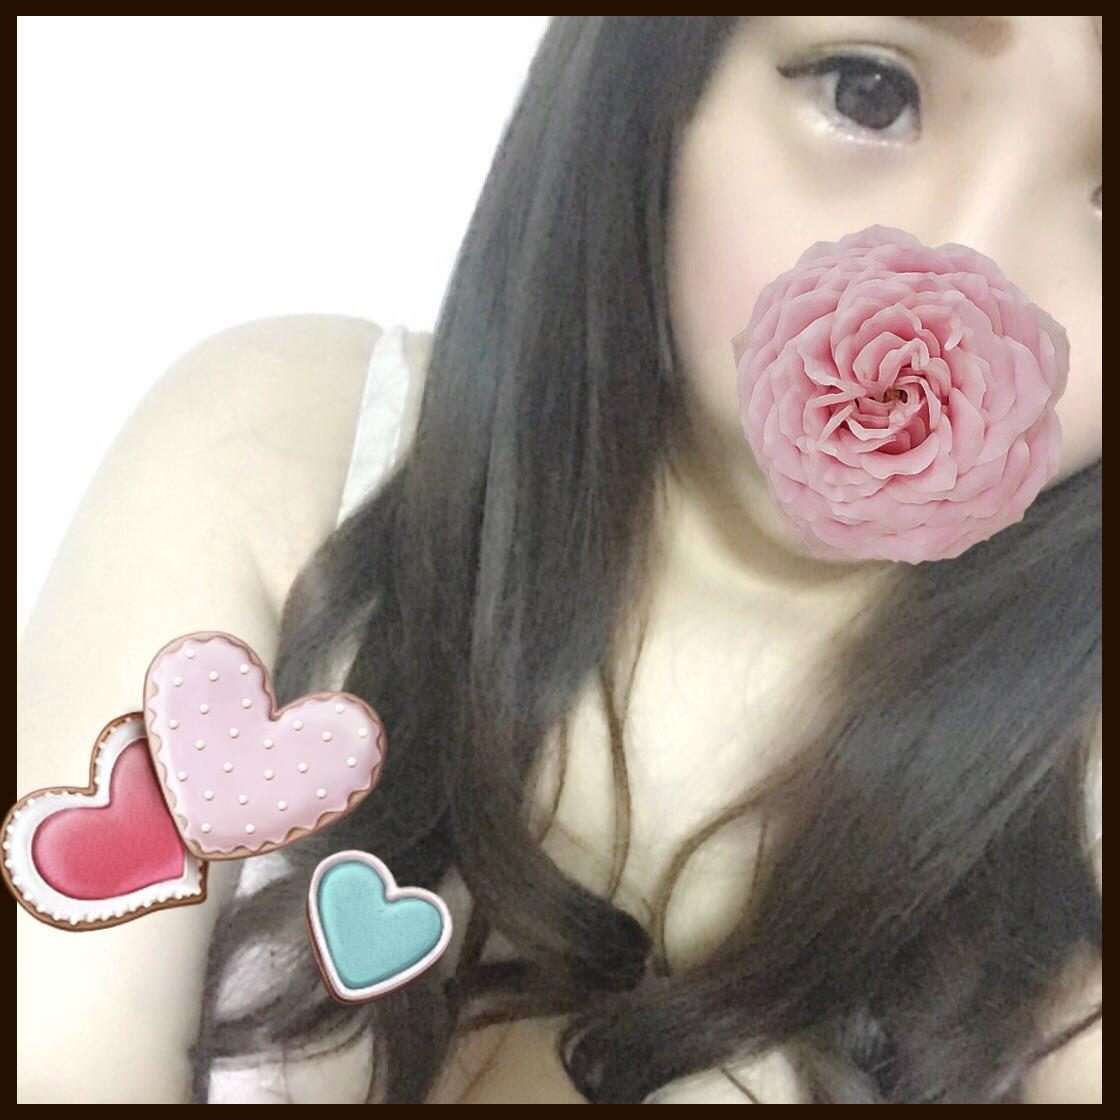 「お礼♡」08/27(08/27) 21:23 | みずほの写メ・風俗動画